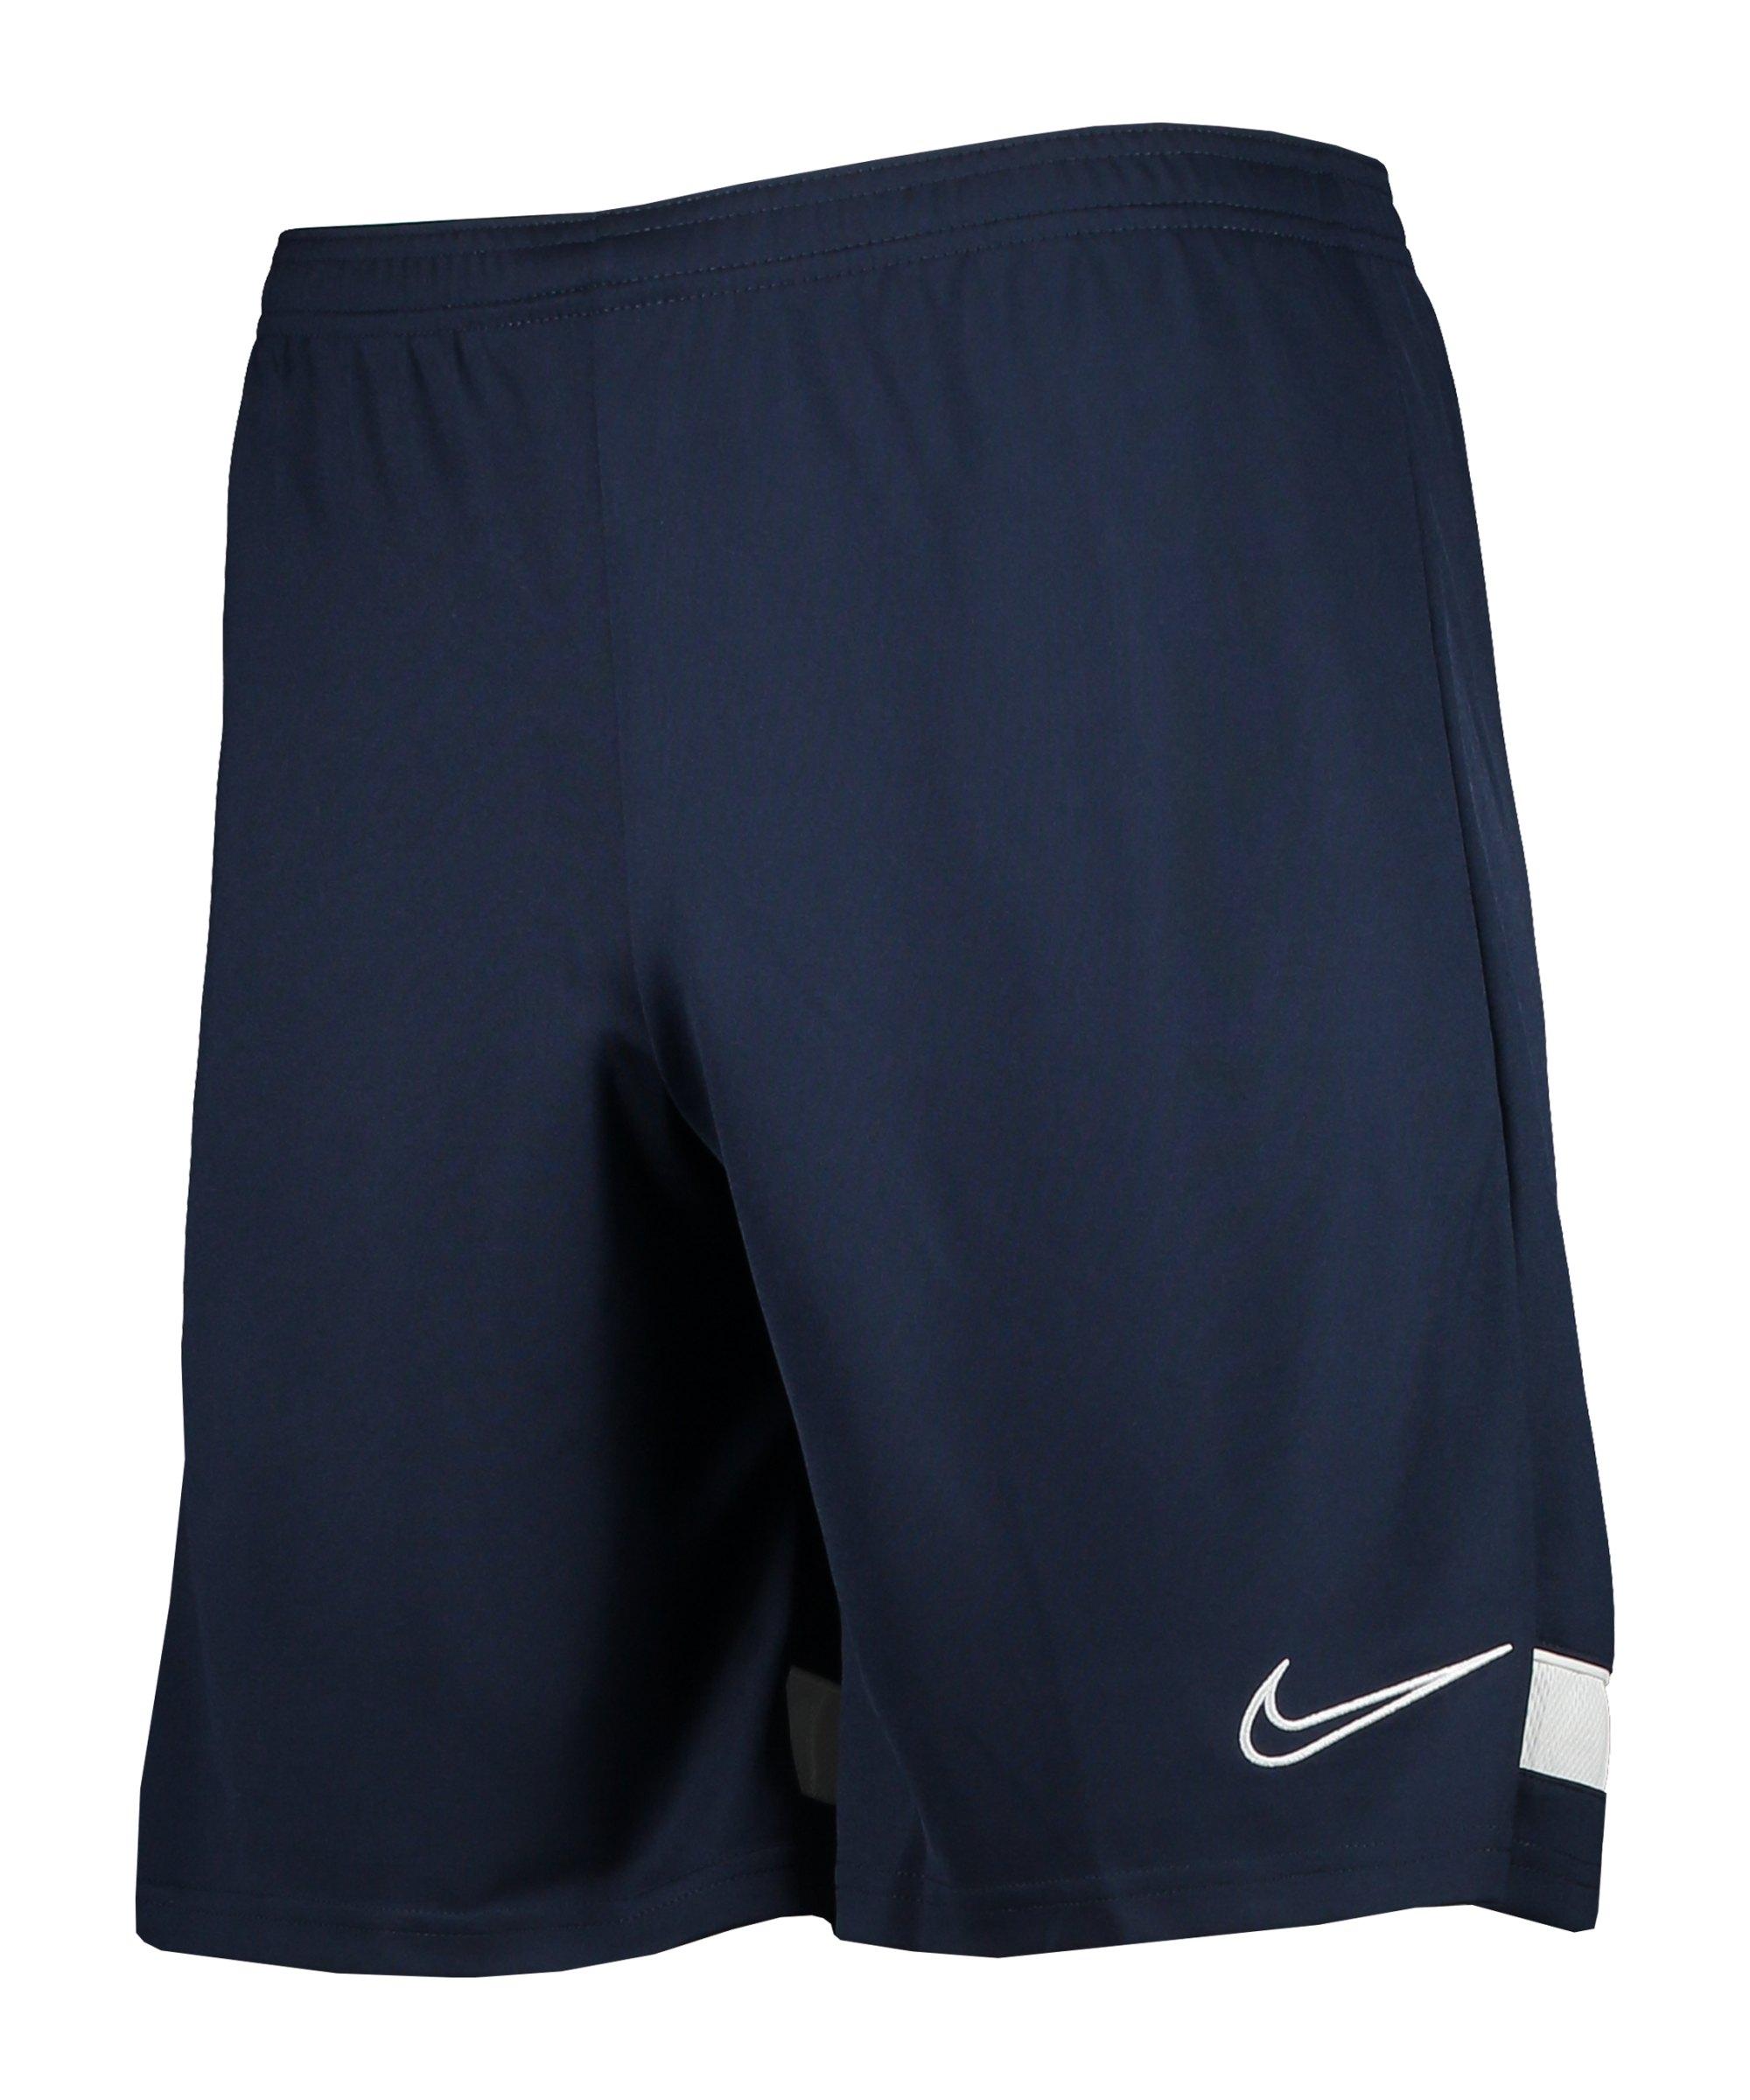 Nike Academy 21 Short Kids Blau Weiss F451 - blau